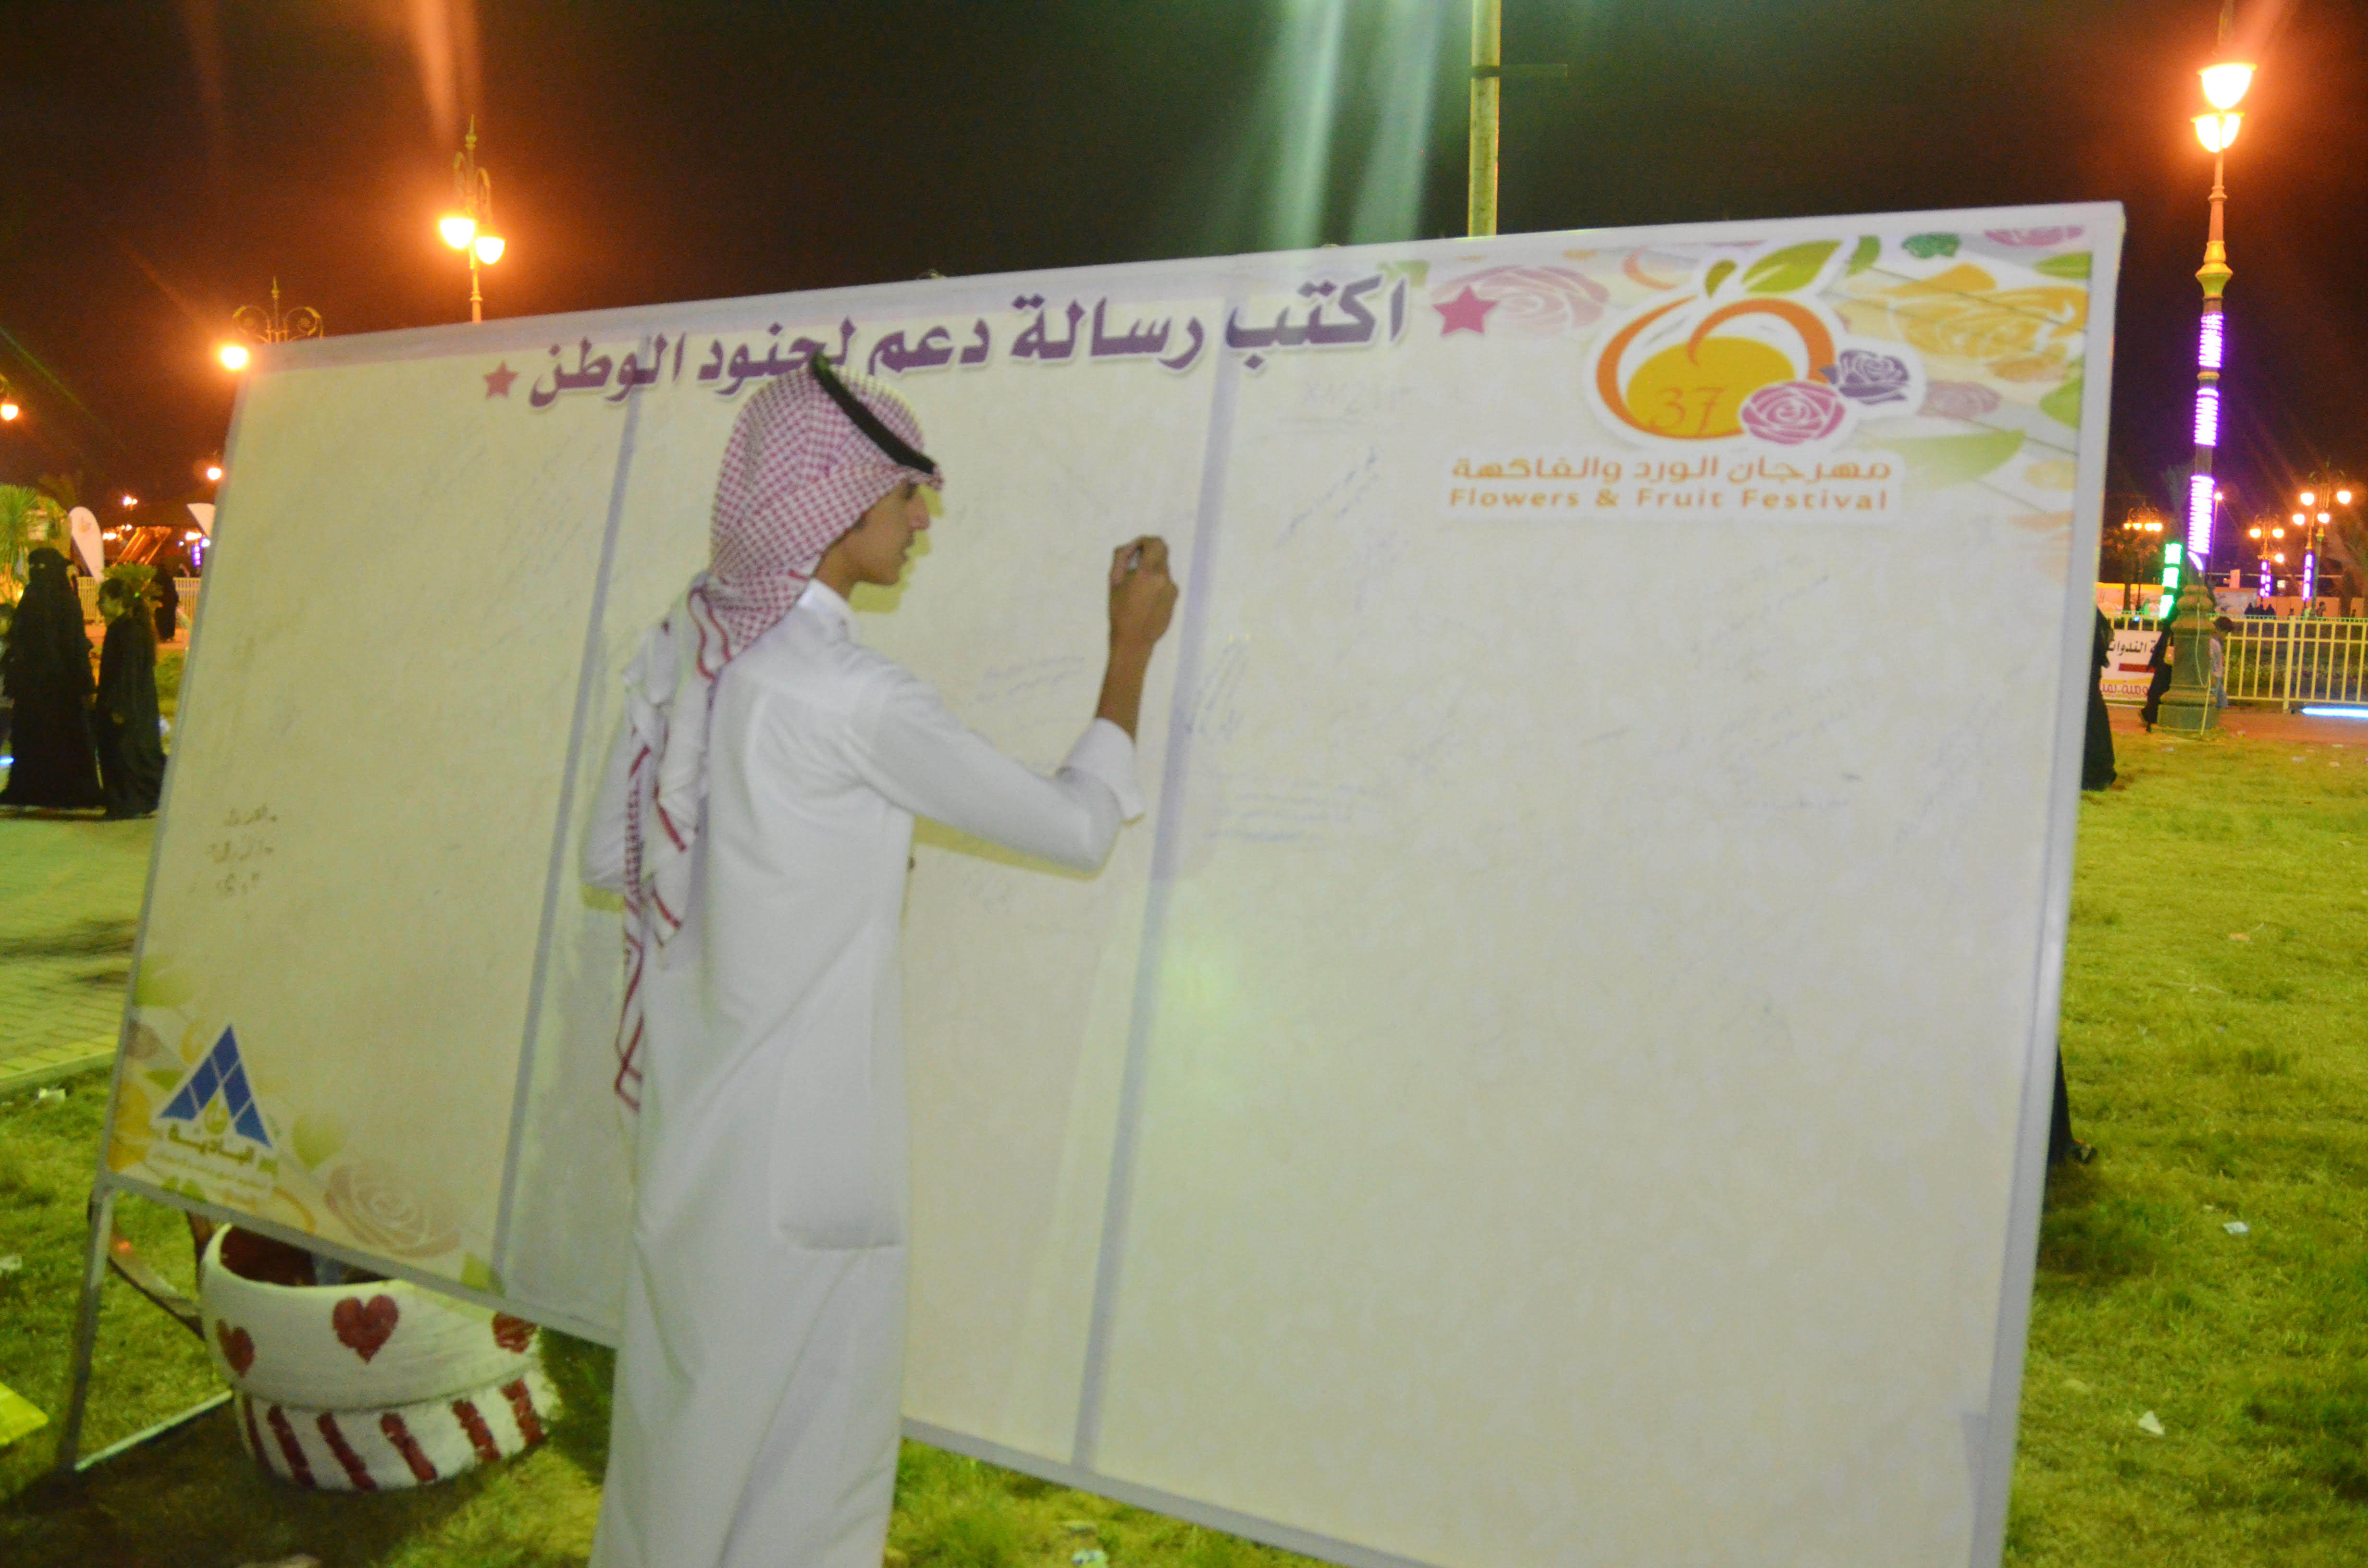 جدارية شهداء الواجب تستوقف زوار مهرجان الورد والفاكهة (3)